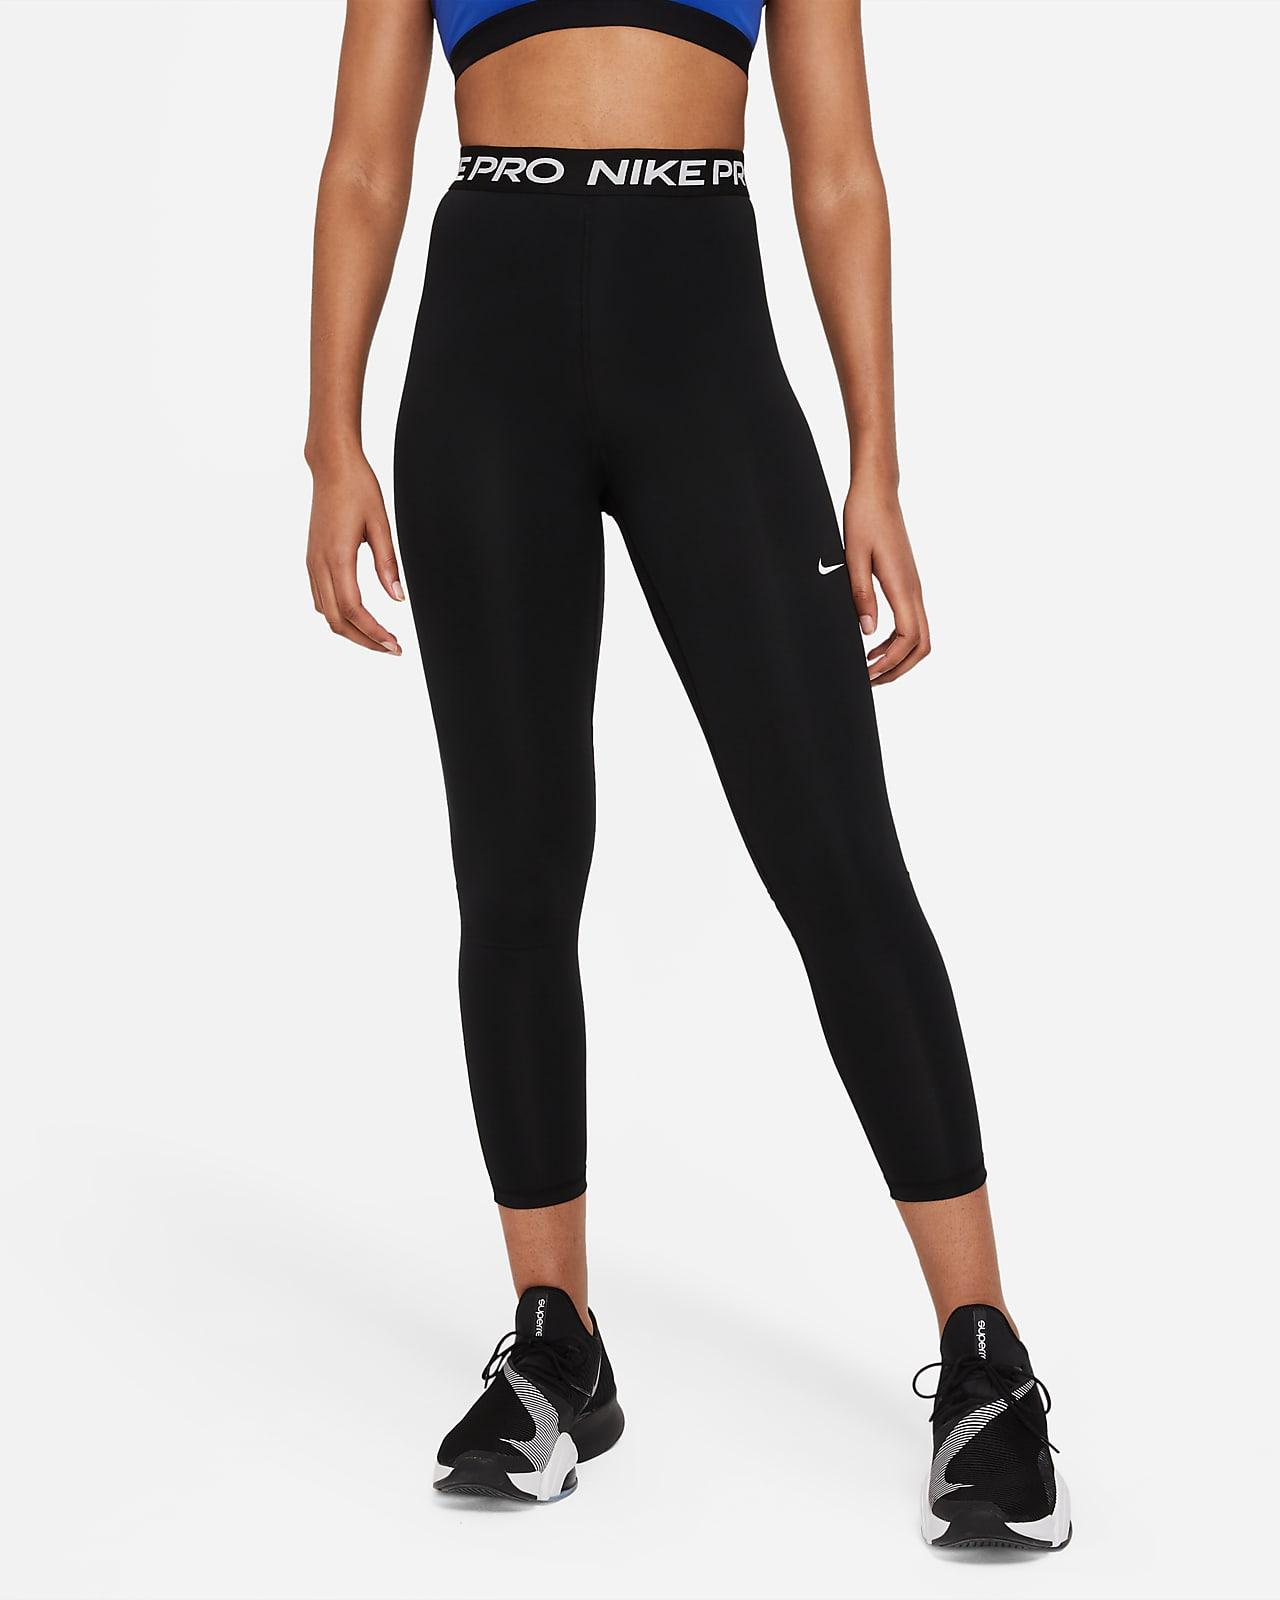 Legging 7/8 taille haute Nike Pro 365 pour Femme